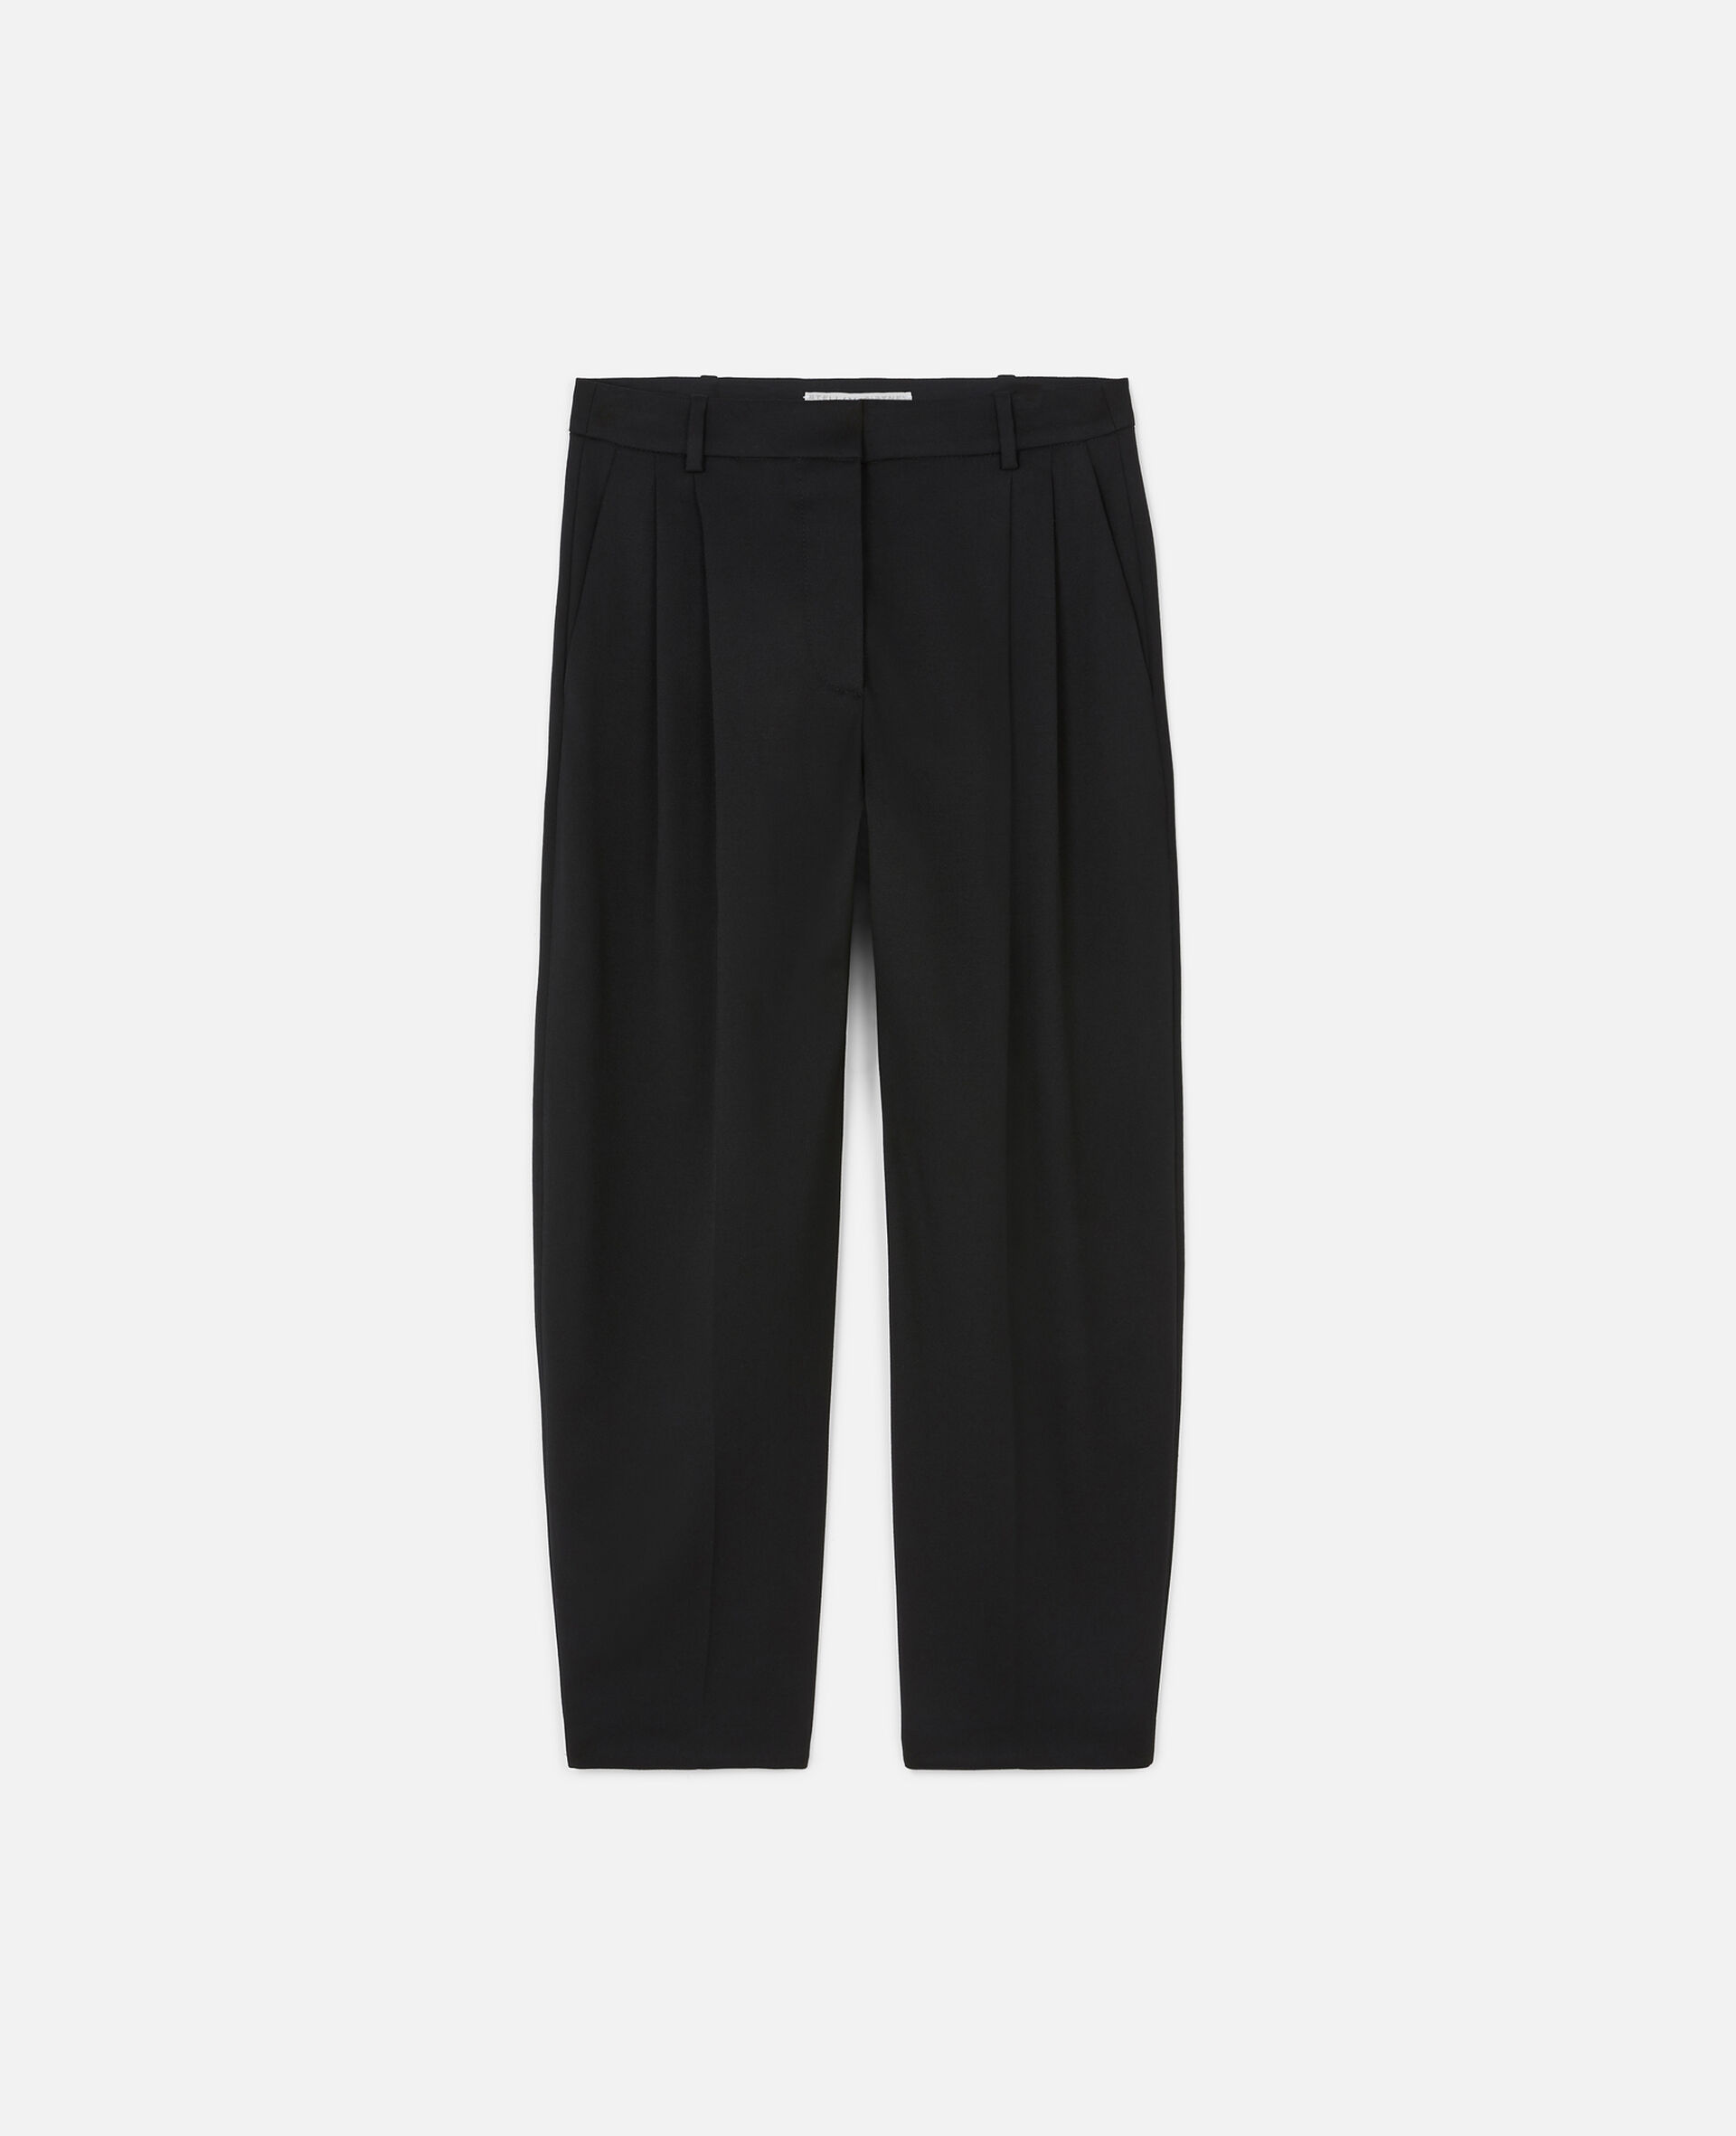 Pantalon ajusté Dawson-Noir-large image number 0